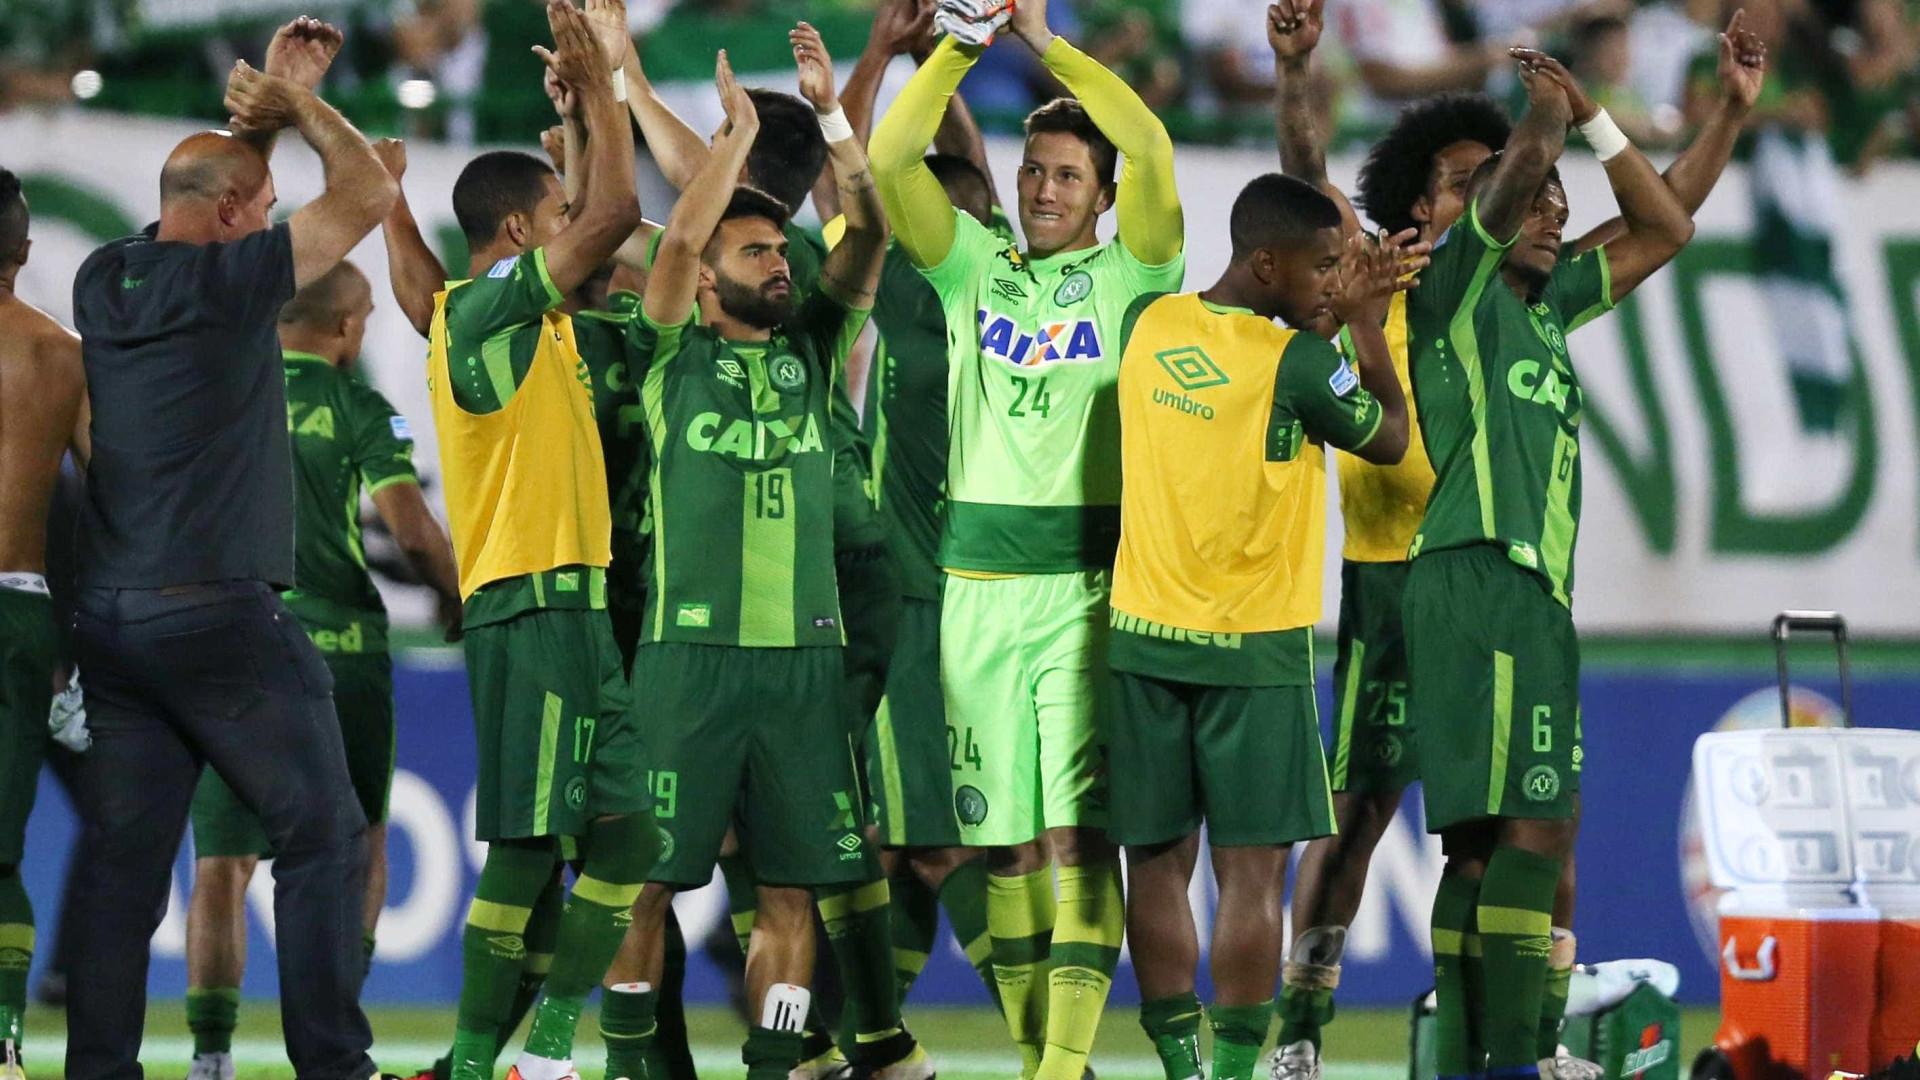 Equipa brasileira queria voo charter. Pedido não foi aceite